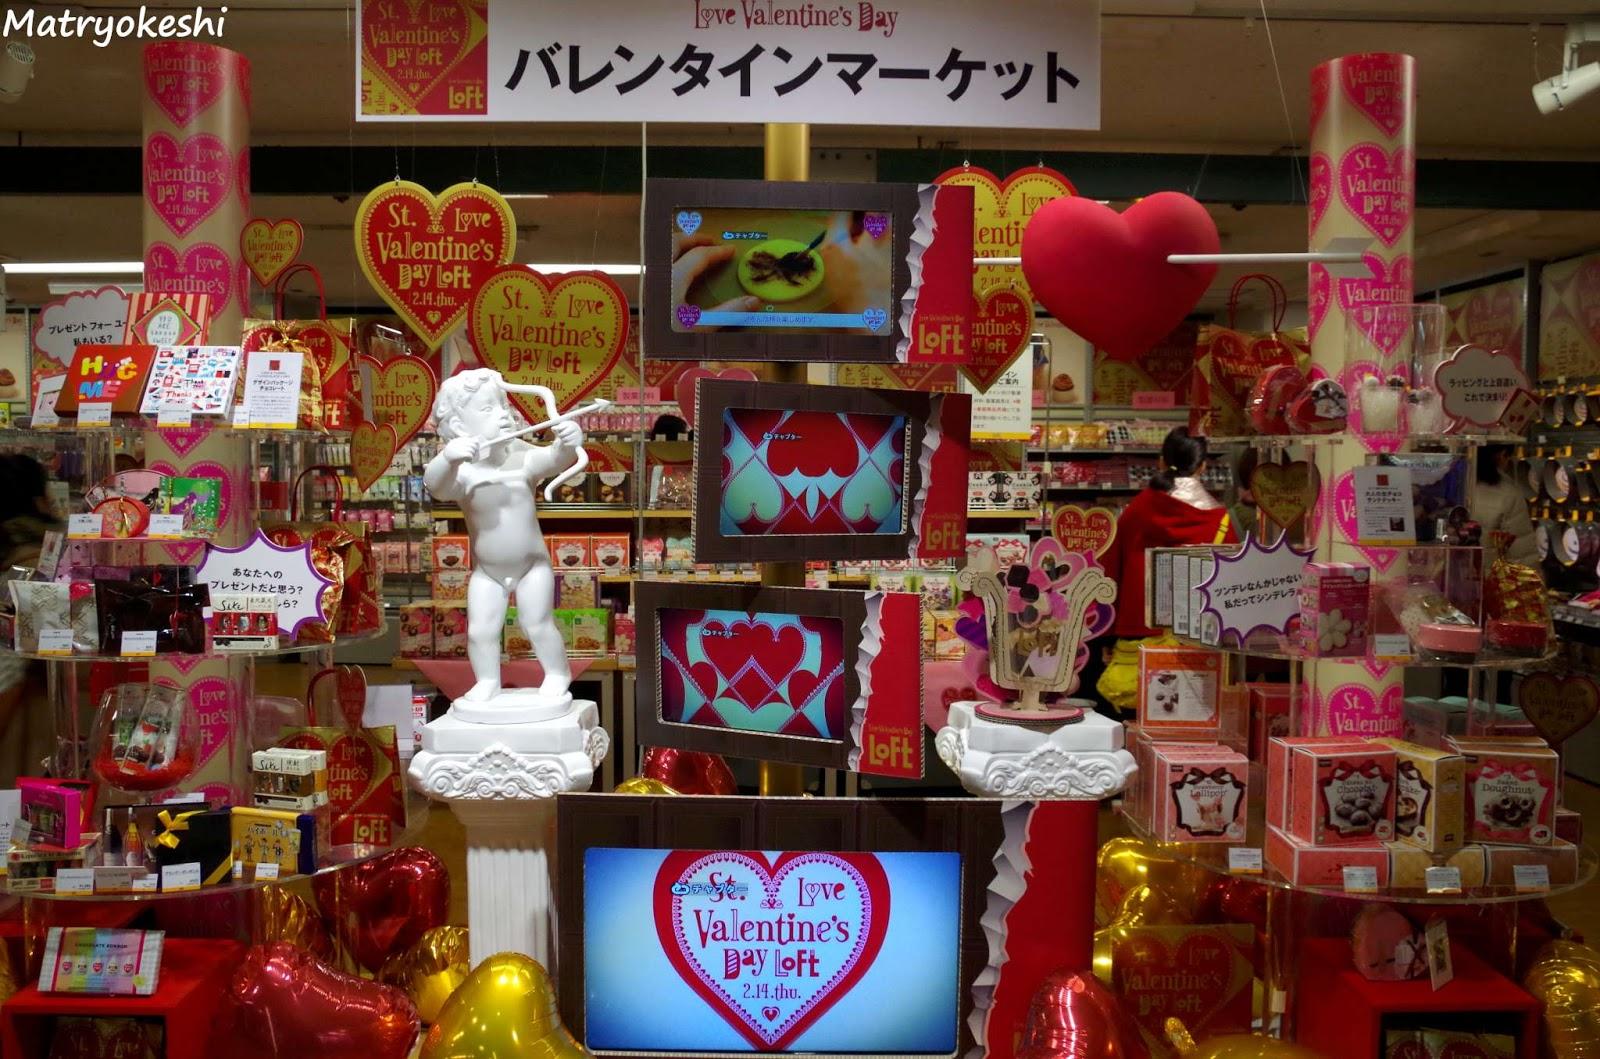 карте японский день святого валентина выбор товаров